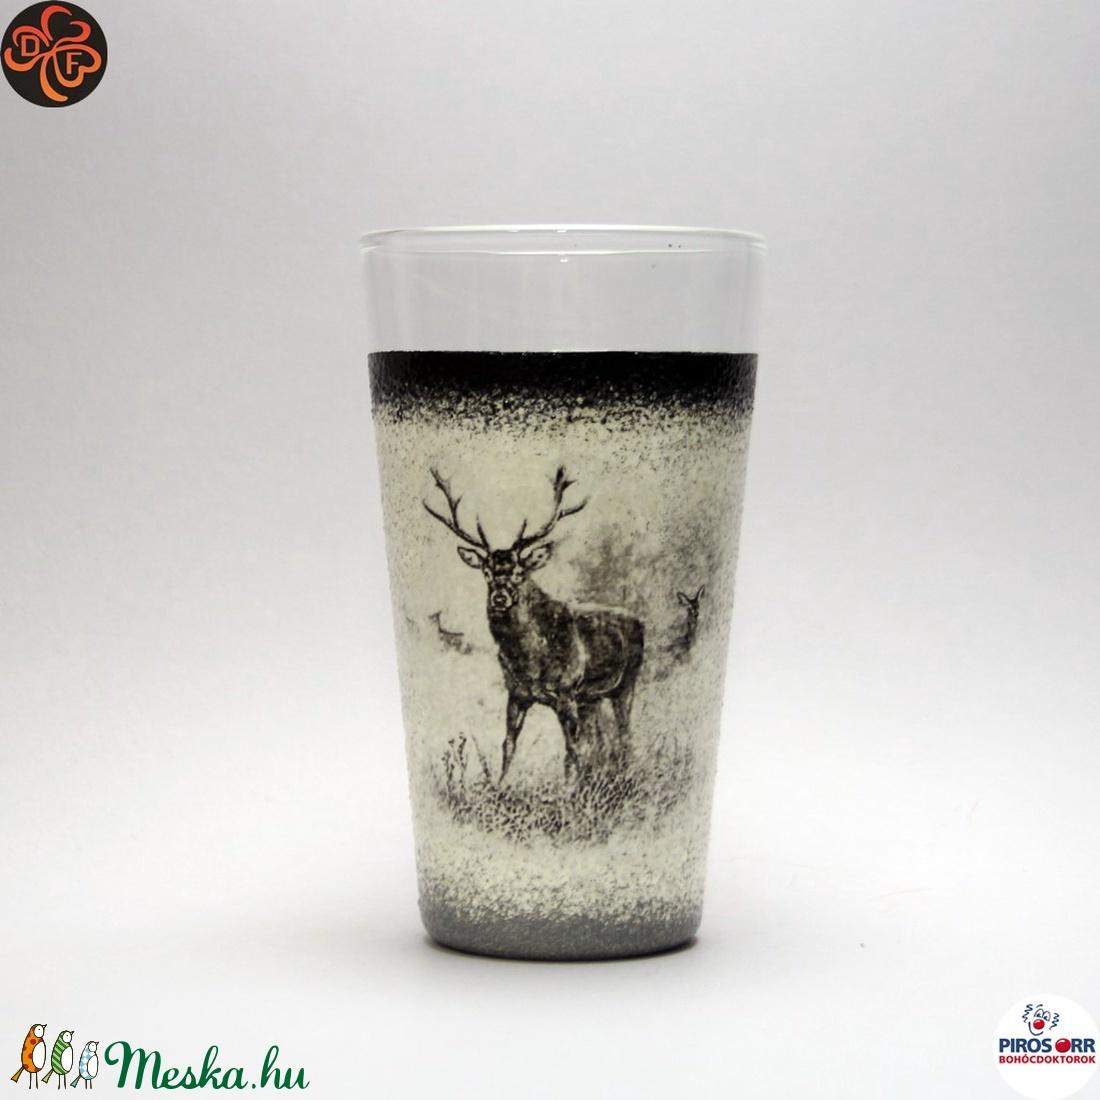 Vadász - szarvas képpel - vizes pohár ; A vadászat szerelmeseinek  (decorfantasy) - Meska.hu